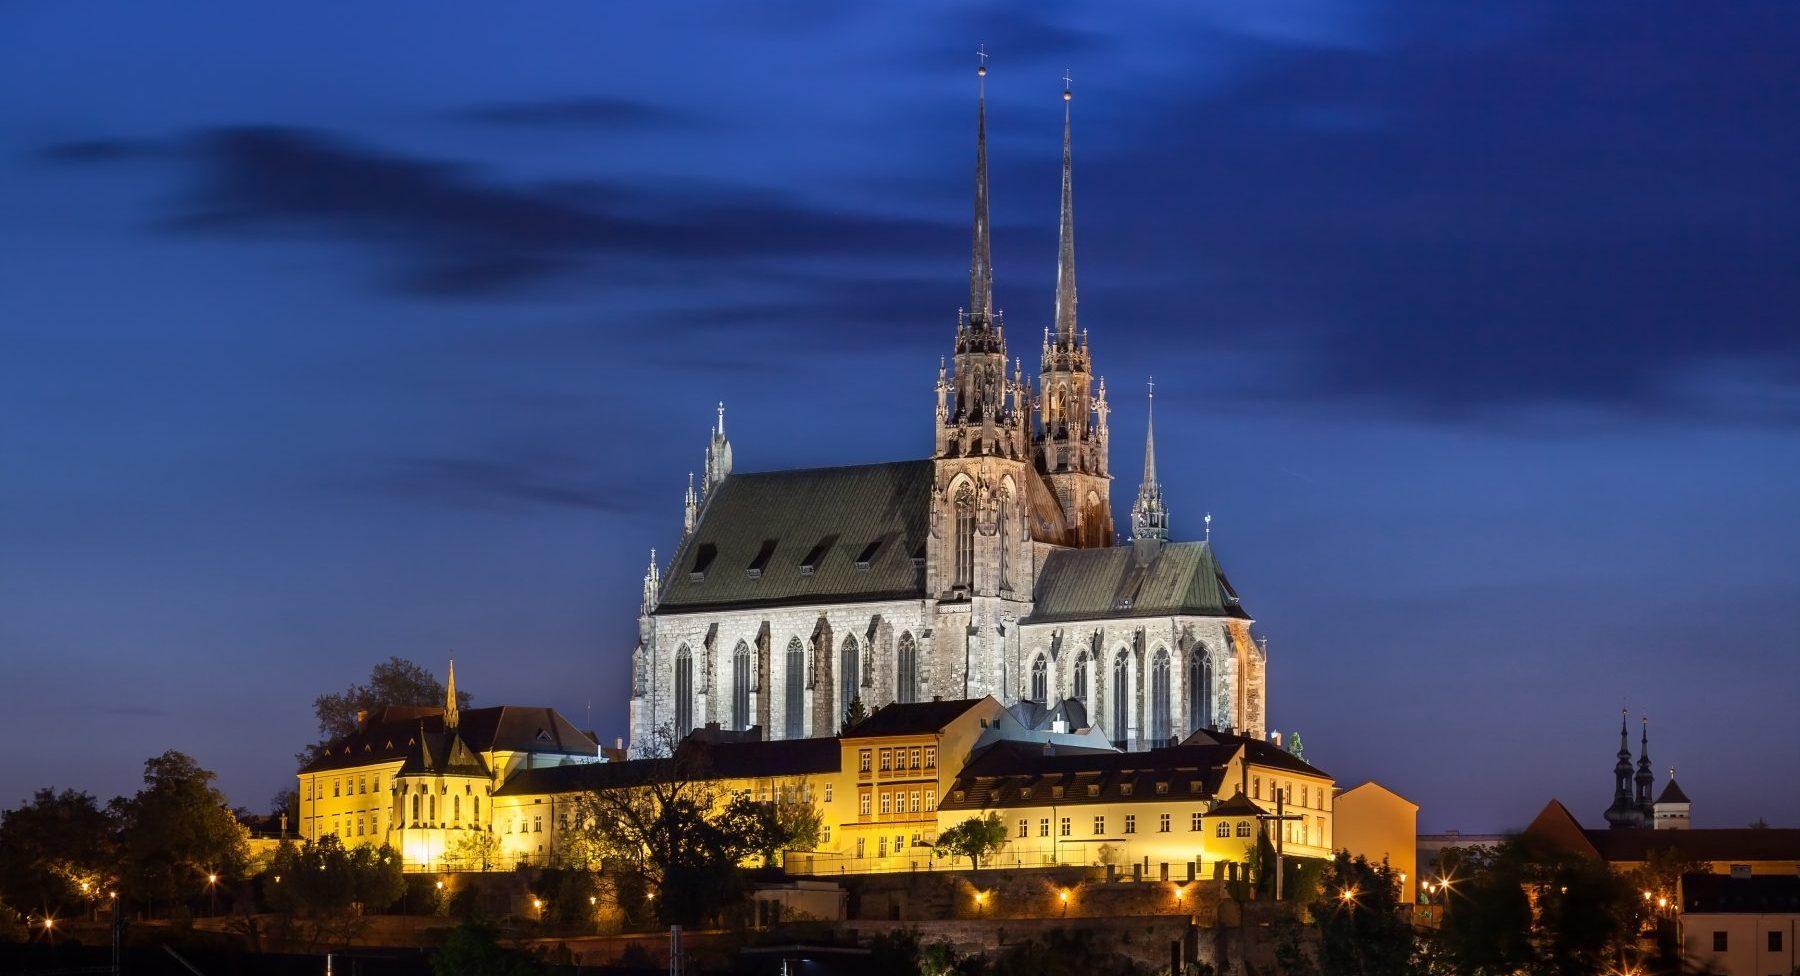 Katedrála sv. Petra a Pavla, Petrov v Brně v noci